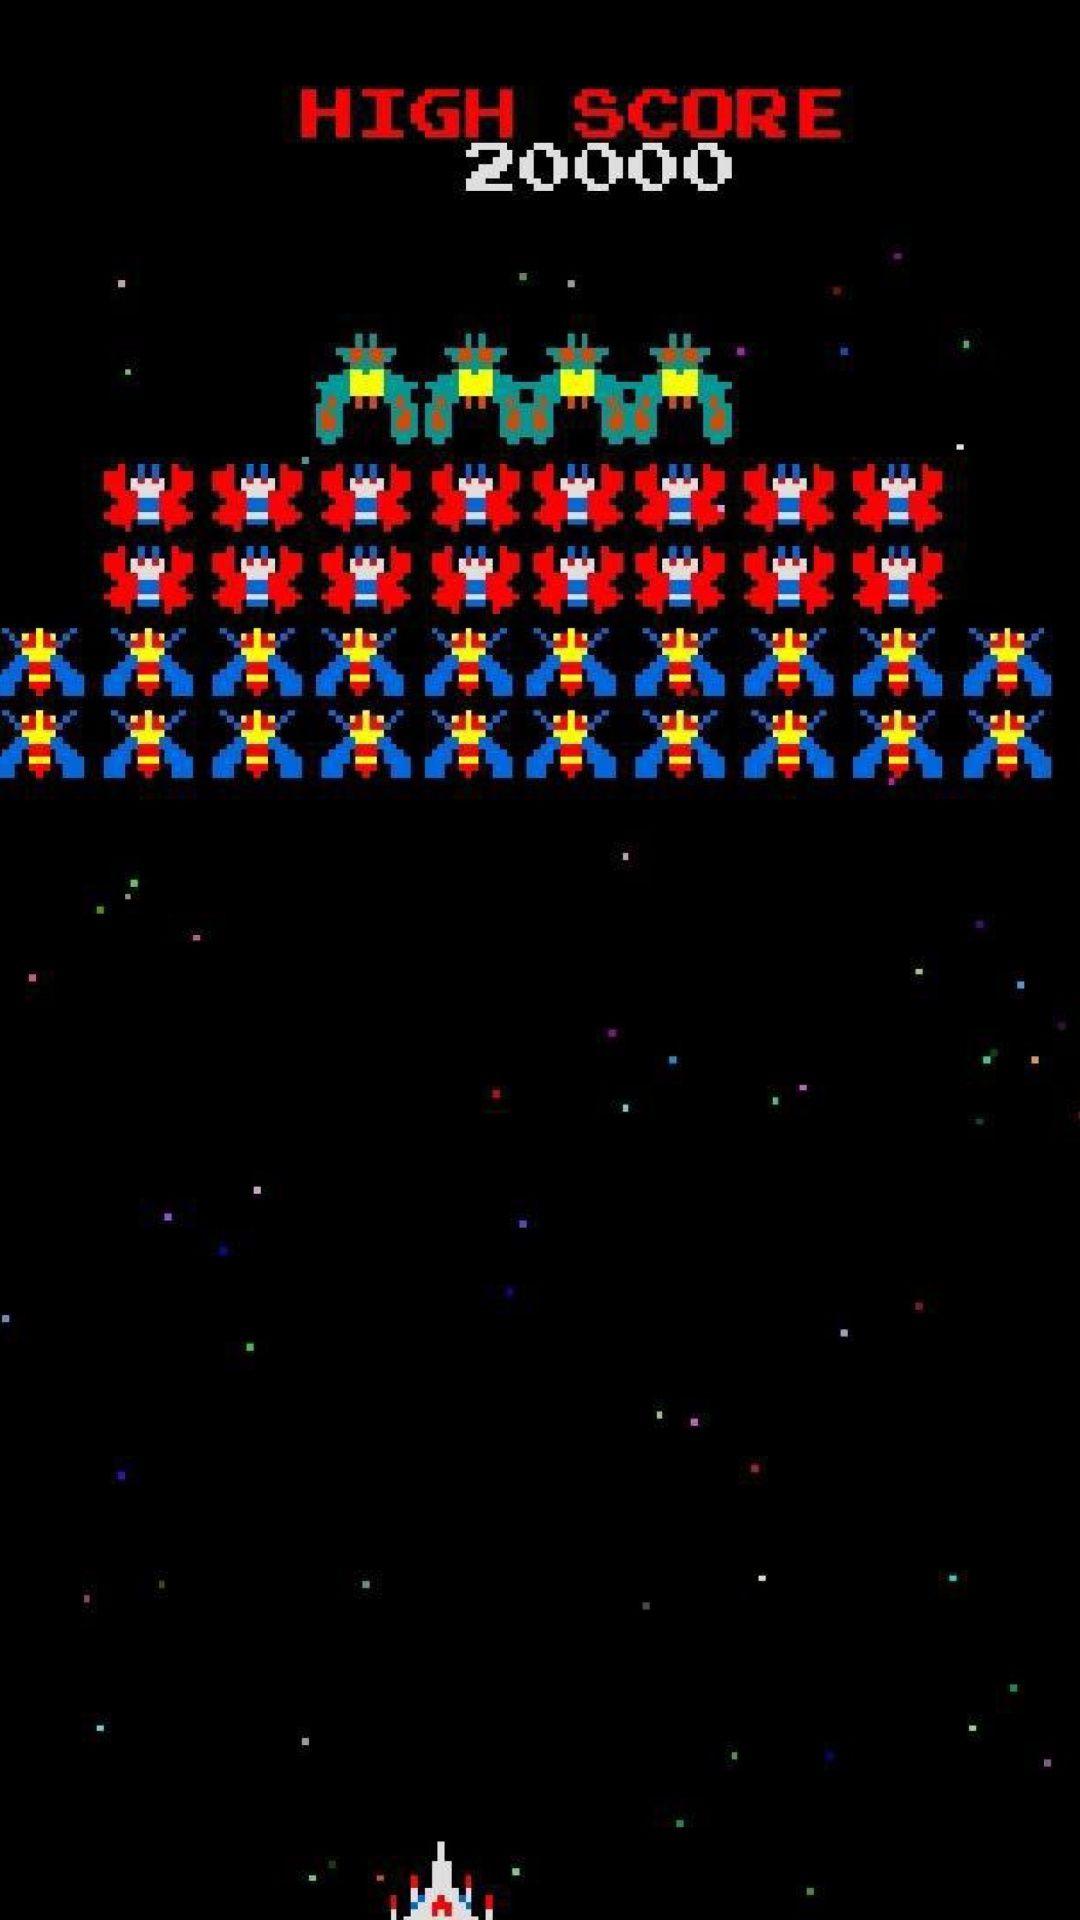 Galaxian Galaga Nintendo Arcade Game wallpaper 1080x1920